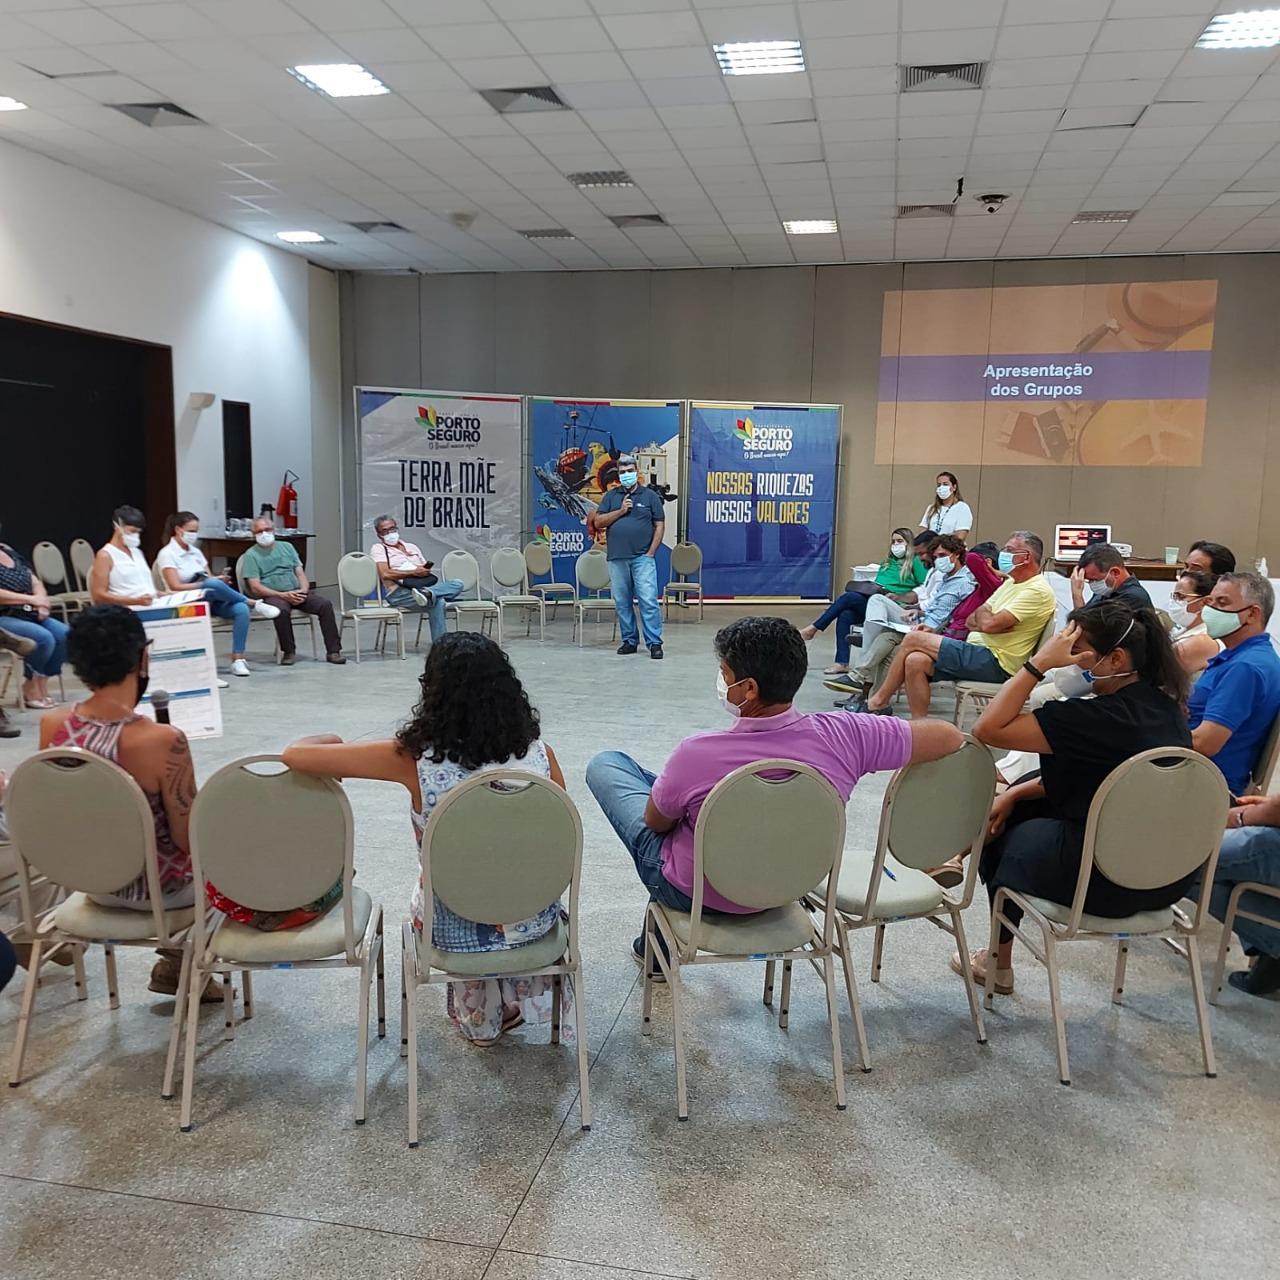 Divulgação/CidadeAgoraNews